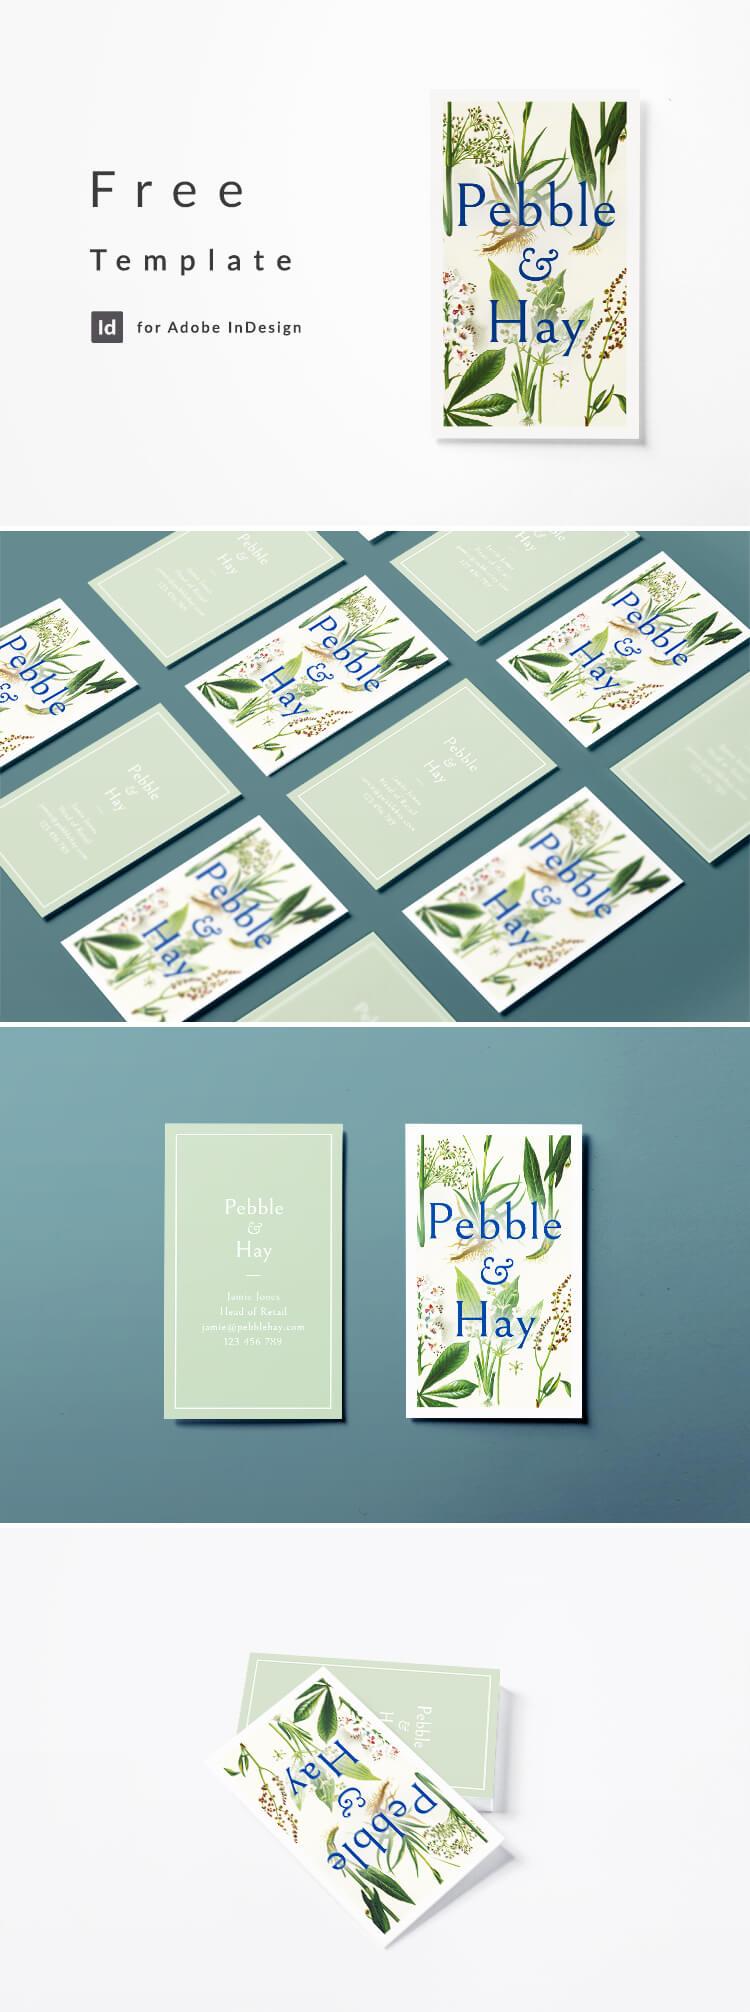 Vintage business card design with botanical illustration. Free download for Adobe InDesign CC.